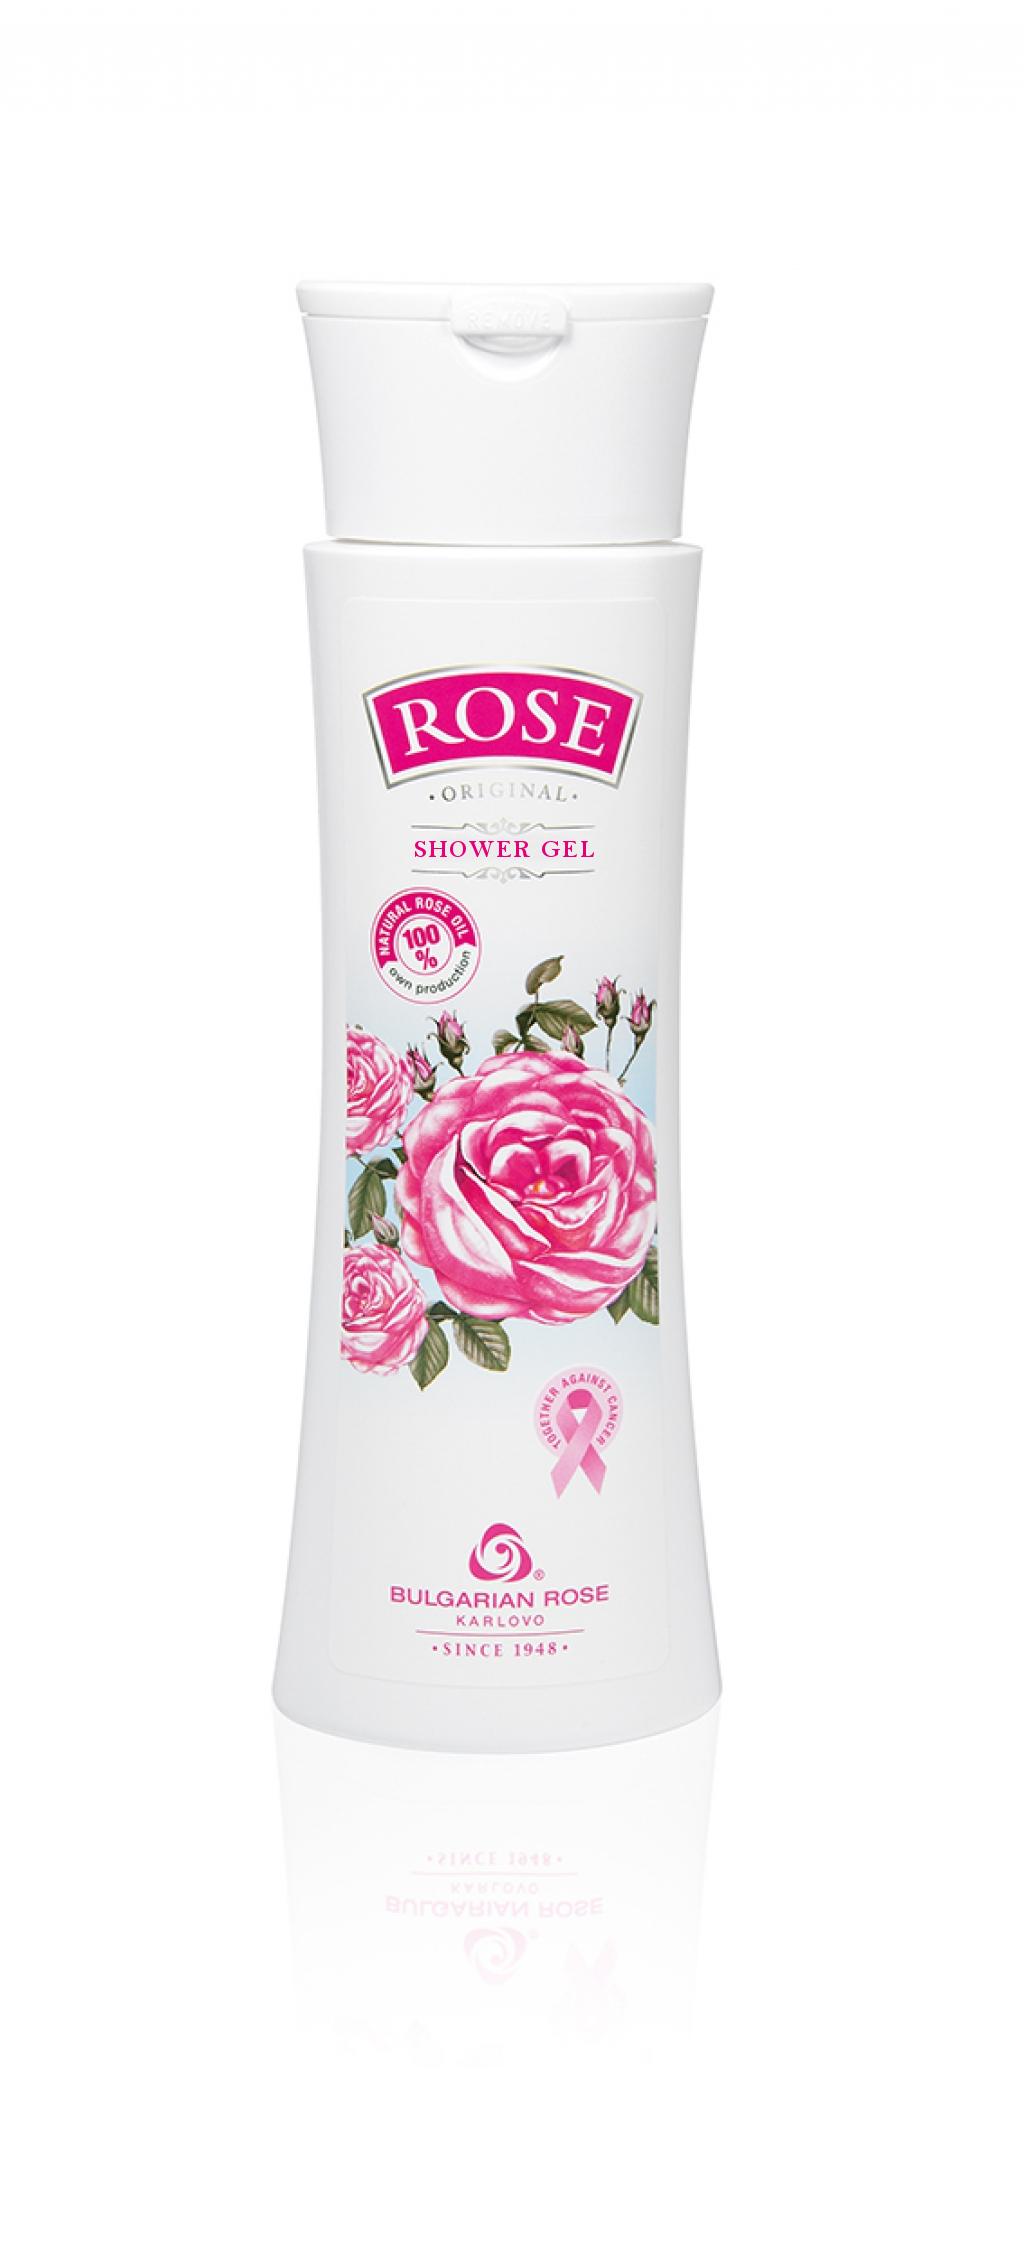 Деликатен душ гел с натурално розово масло Българска Роза Карлово